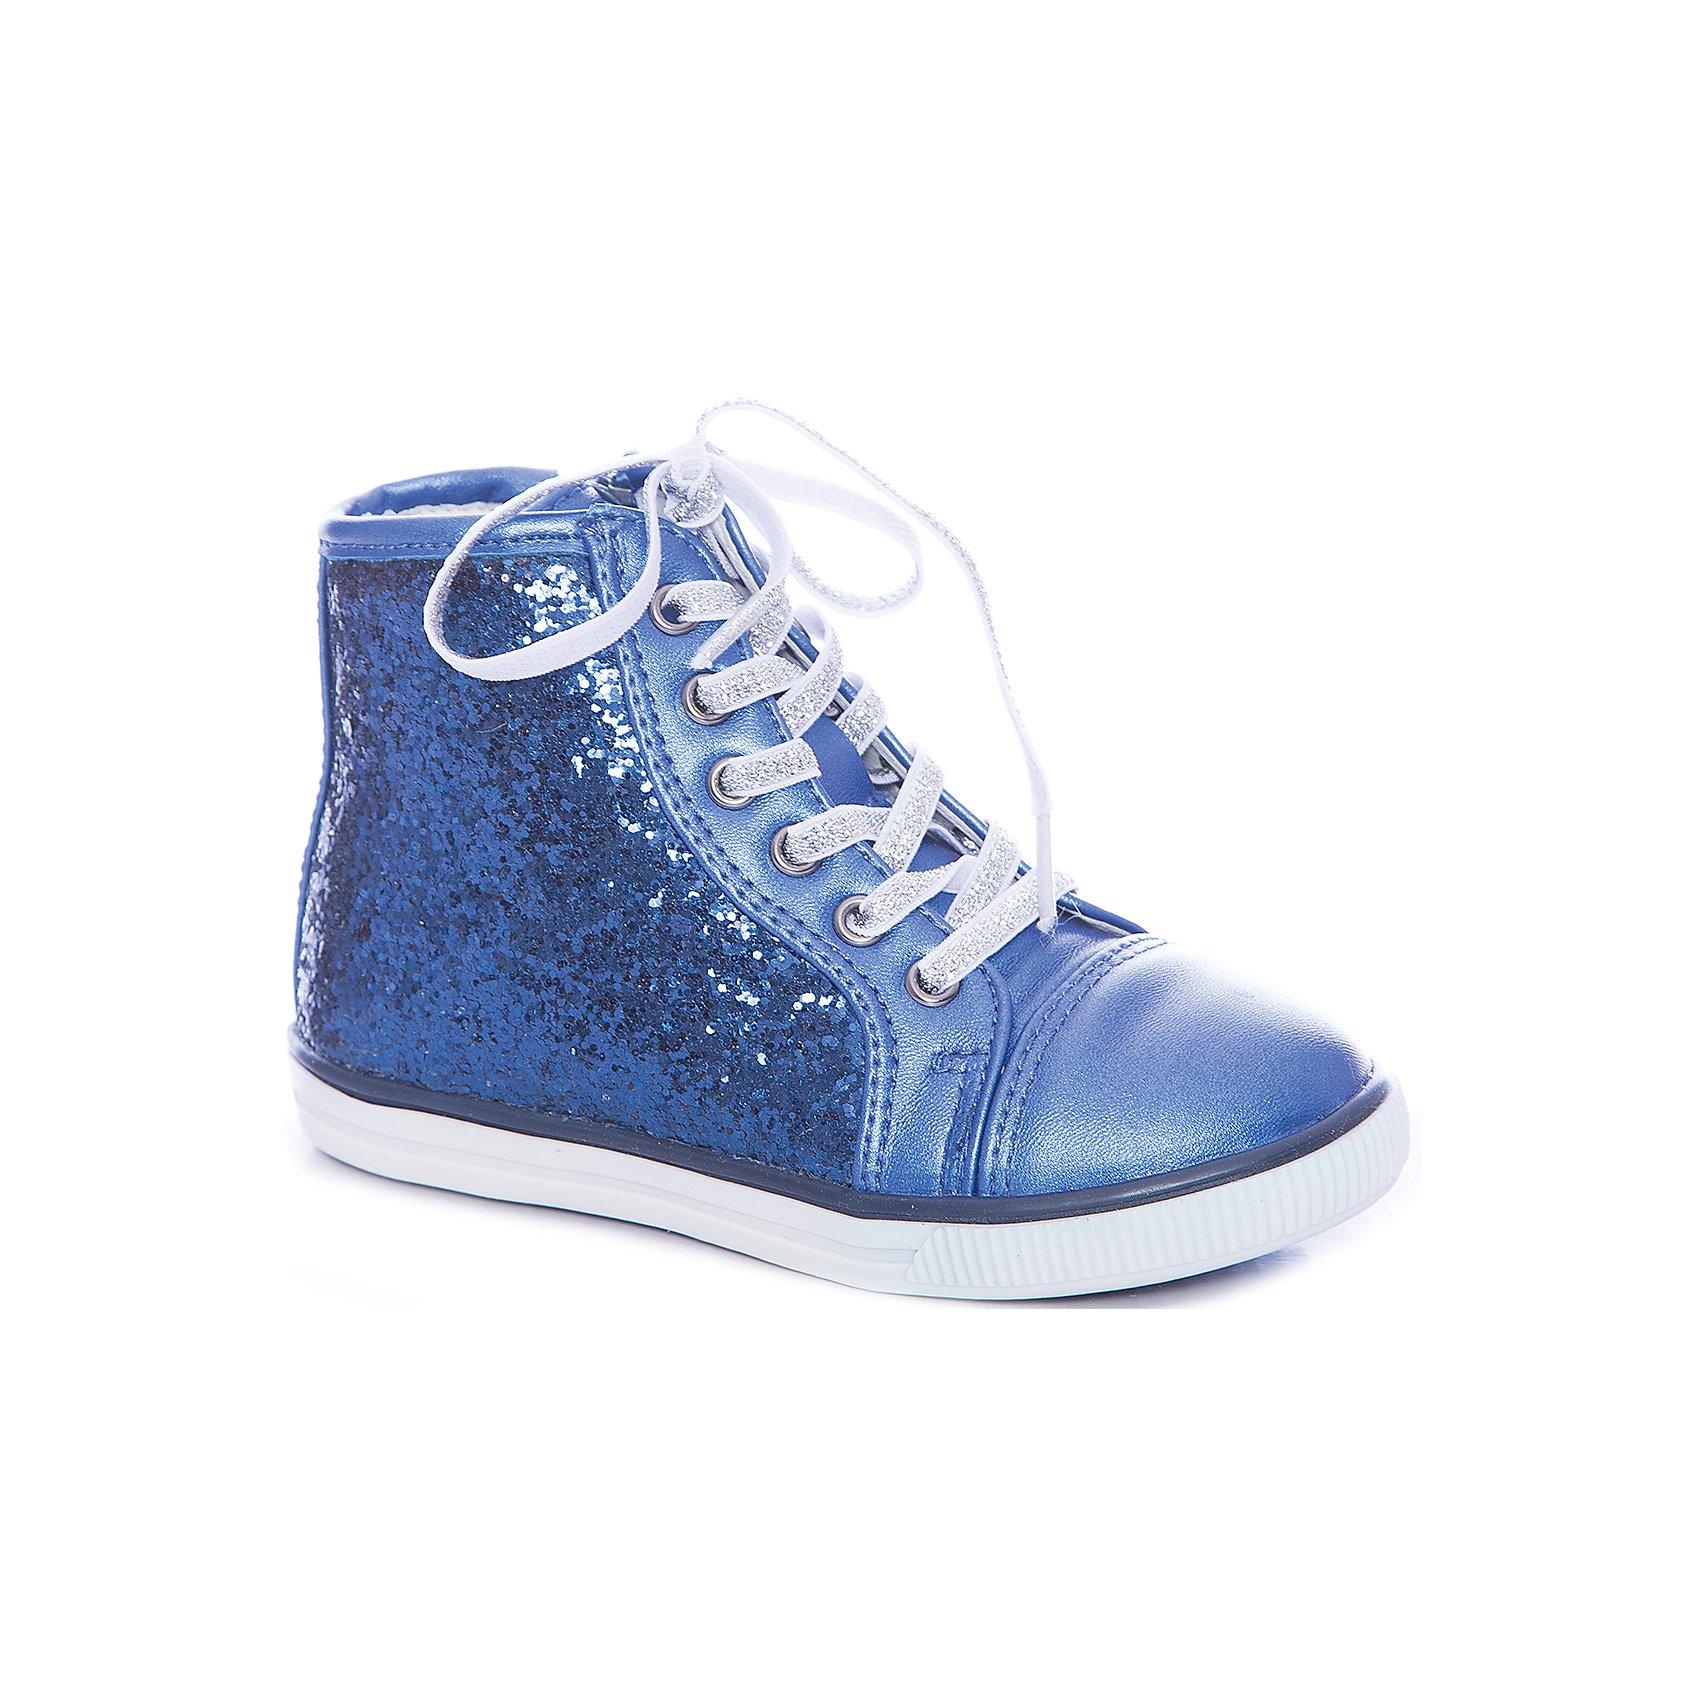 Ботинки для девочки GulliverШикарные ботинки для девочки поразят воображение юной модницы! Перламутровая синяя искусственная кожа красиво гармонирует с боковыми деталями, усыпанными сверкающими стразами. Шнурки из серебристой тесьмы добавляют модели сияния. Если вы хотите купить модные ботинки для девочки и сделать образ ребенка интересным, свежим, неожиданным, выбор этой модели - правильное решение! Подкладка ботинок выполнена из натуральной кожи. Для удобства одевания-раздевания ботинки имеют боковые молнии.<br>Состав:<br>верх:                              иск.кожа;               подкладка: нат.кожа;                                     подошва:                              TPR<br><br>Ширина мм: 227<br>Глубина мм: 145<br>Высота мм: 124<br>Вес г: 325<br>Цвет: синий<br>Возраст от месяцев: 36<br>Возраст до месяцев: 48<br>Пол: Женский<br>Возраст: Детский<br>Размер: 27,25,30,29,28,26<br>SKU: 4534666